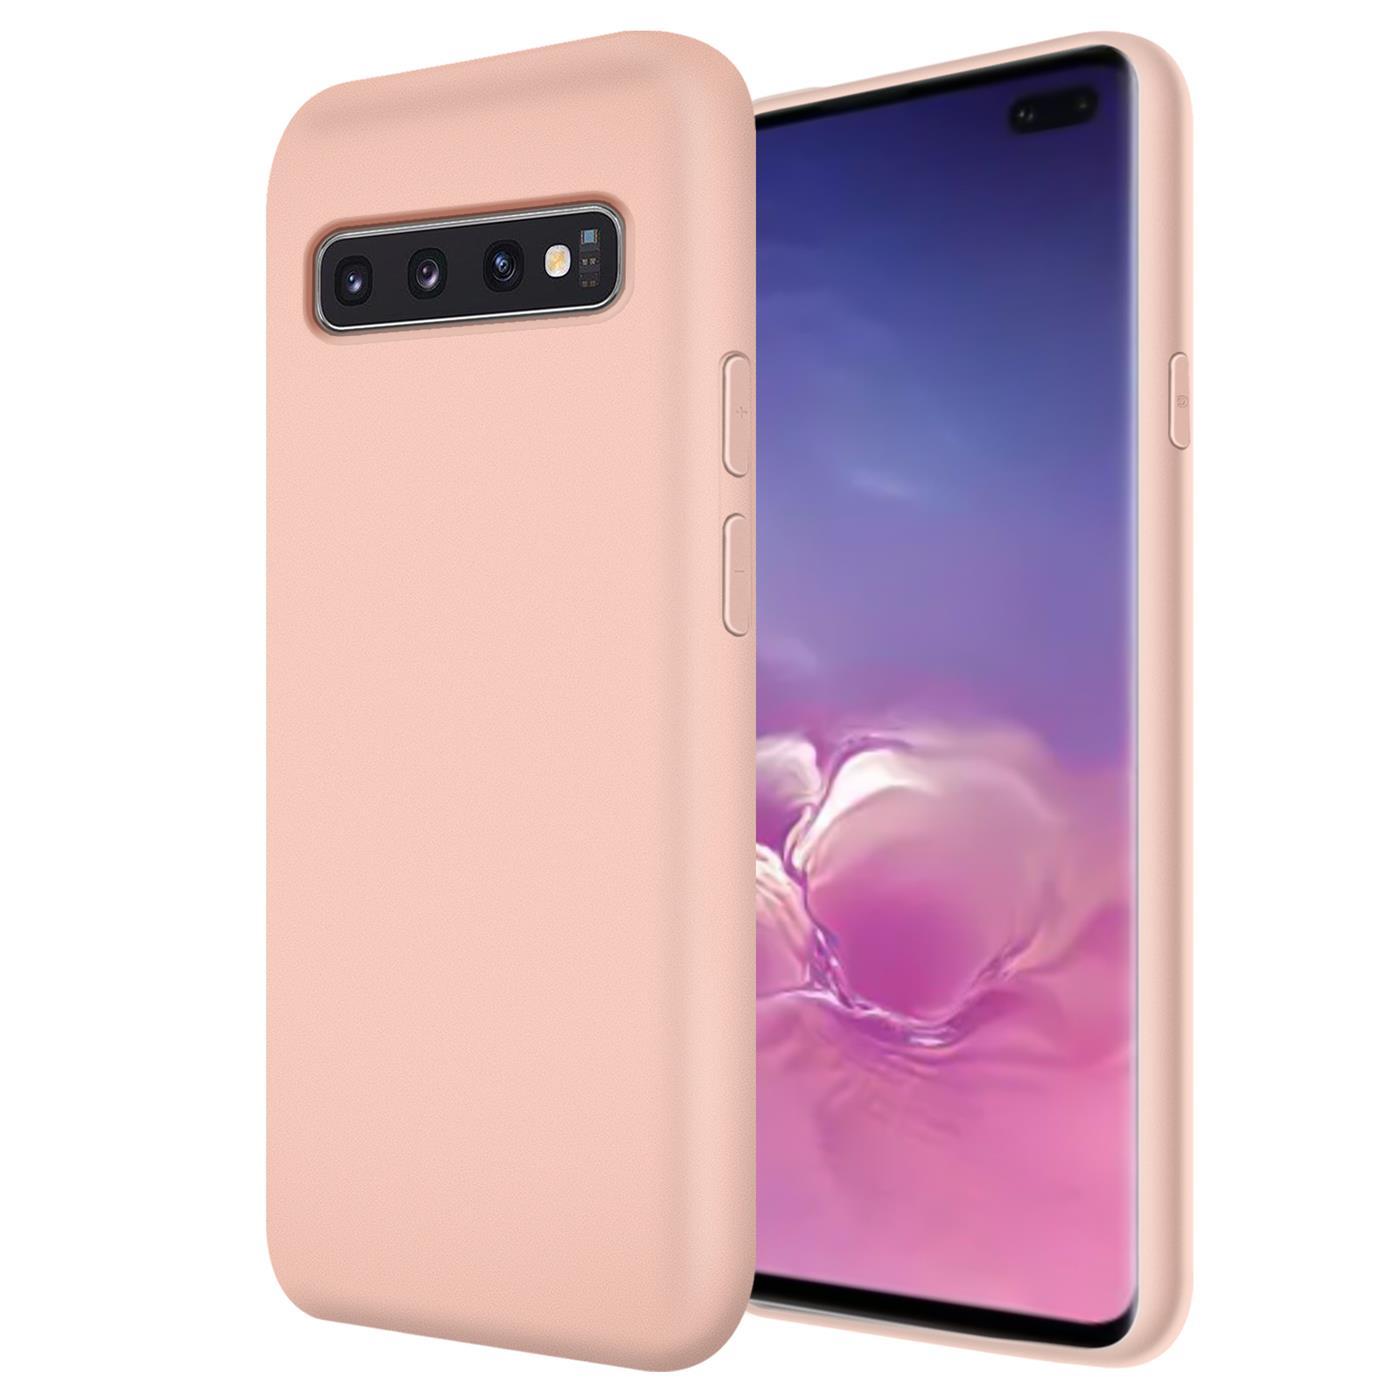 Huelle-Samsung-Galaxy-S10-Handy-Schutz-Cover-Silikon-Gel-Case-Handyhuelle-Tasche Indexbild 15